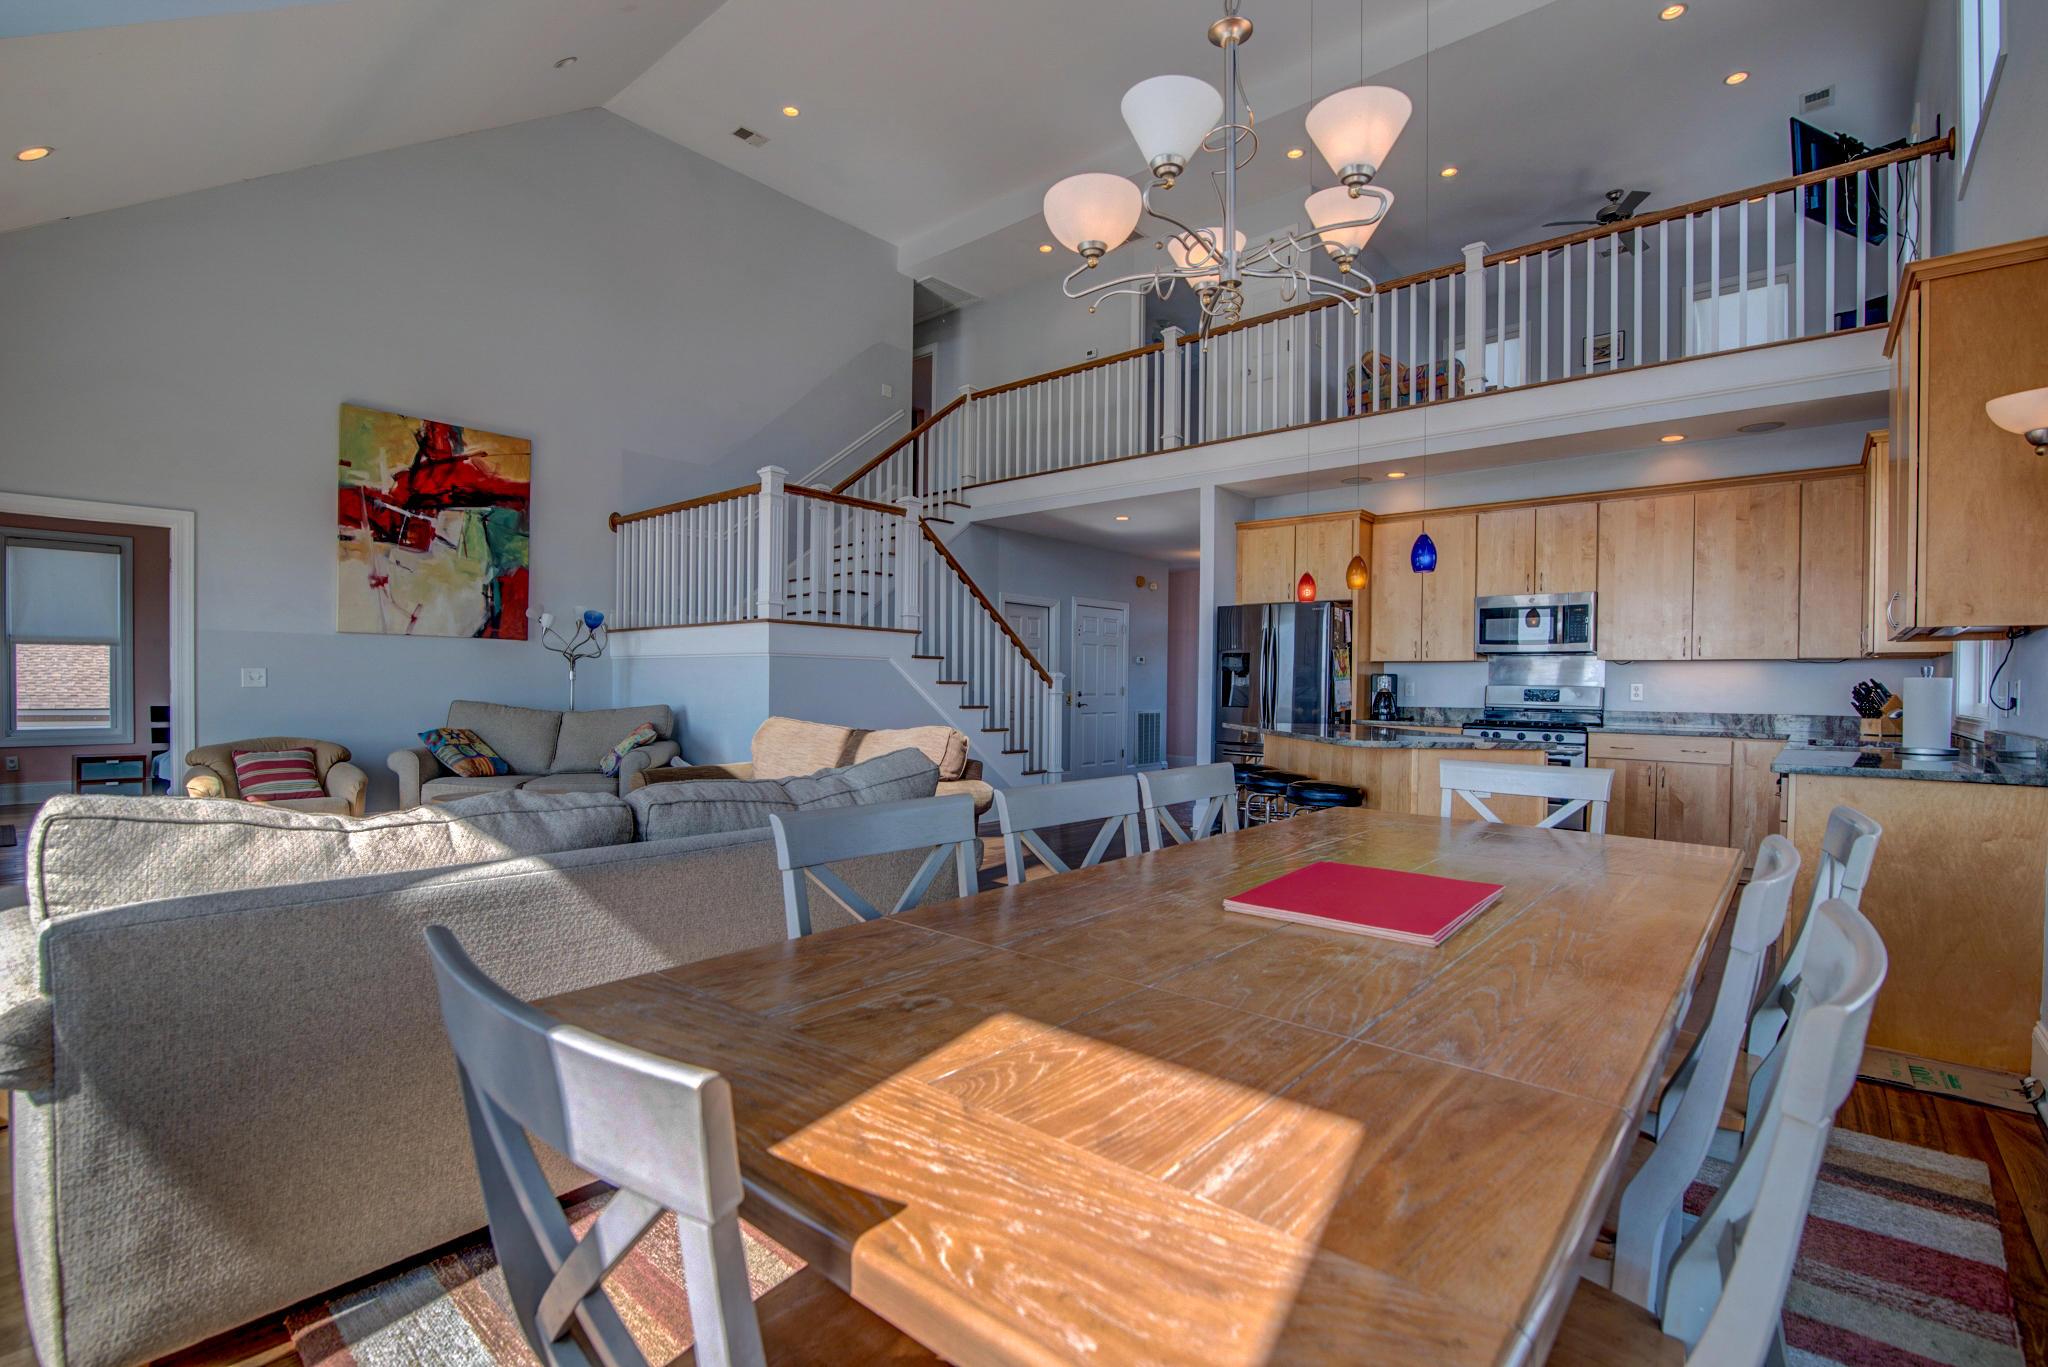 Folly Beach Homes For Sale - 319 Arctic, Folly Beach, SC - 5